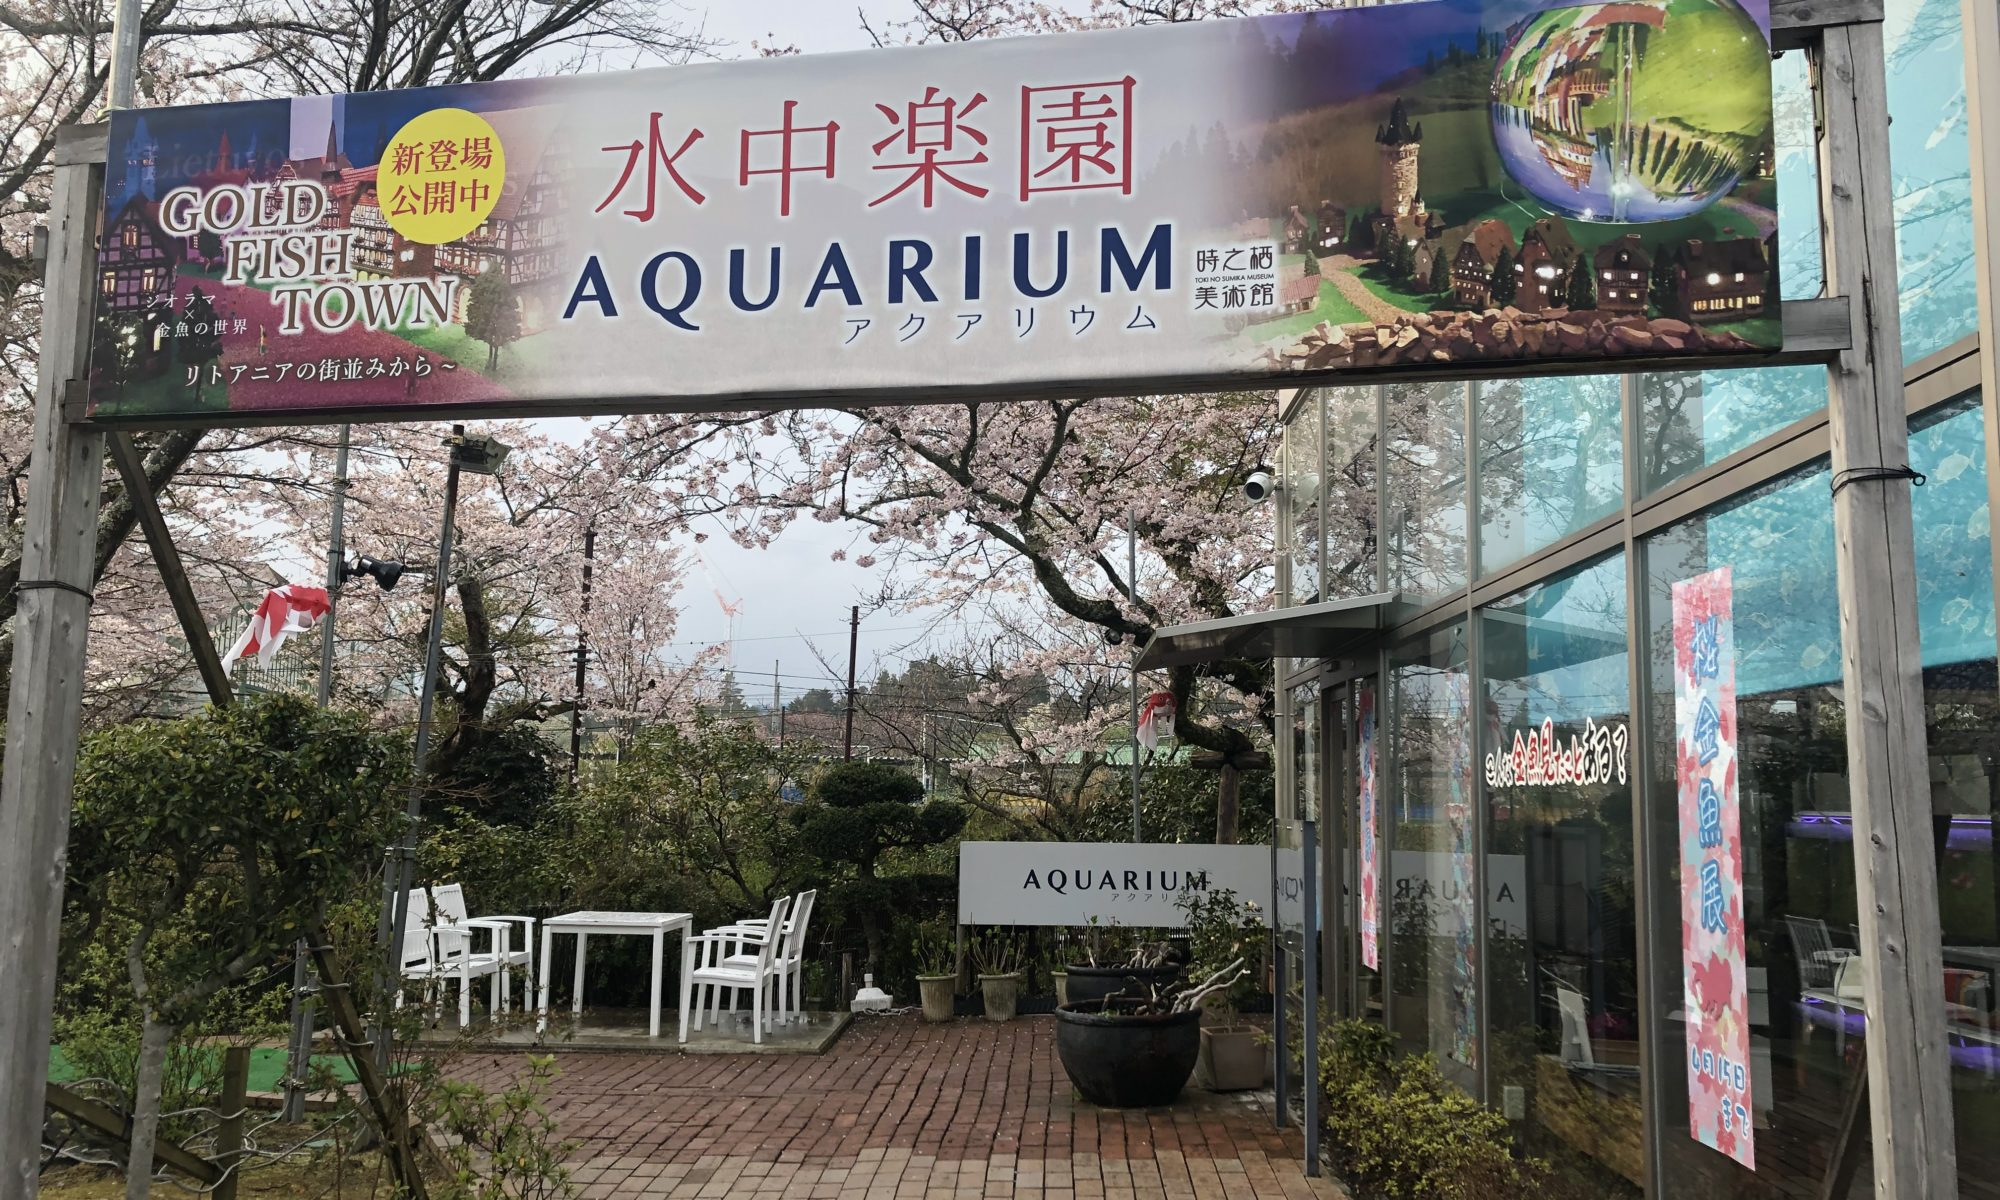 水中楽園AQUARIUM